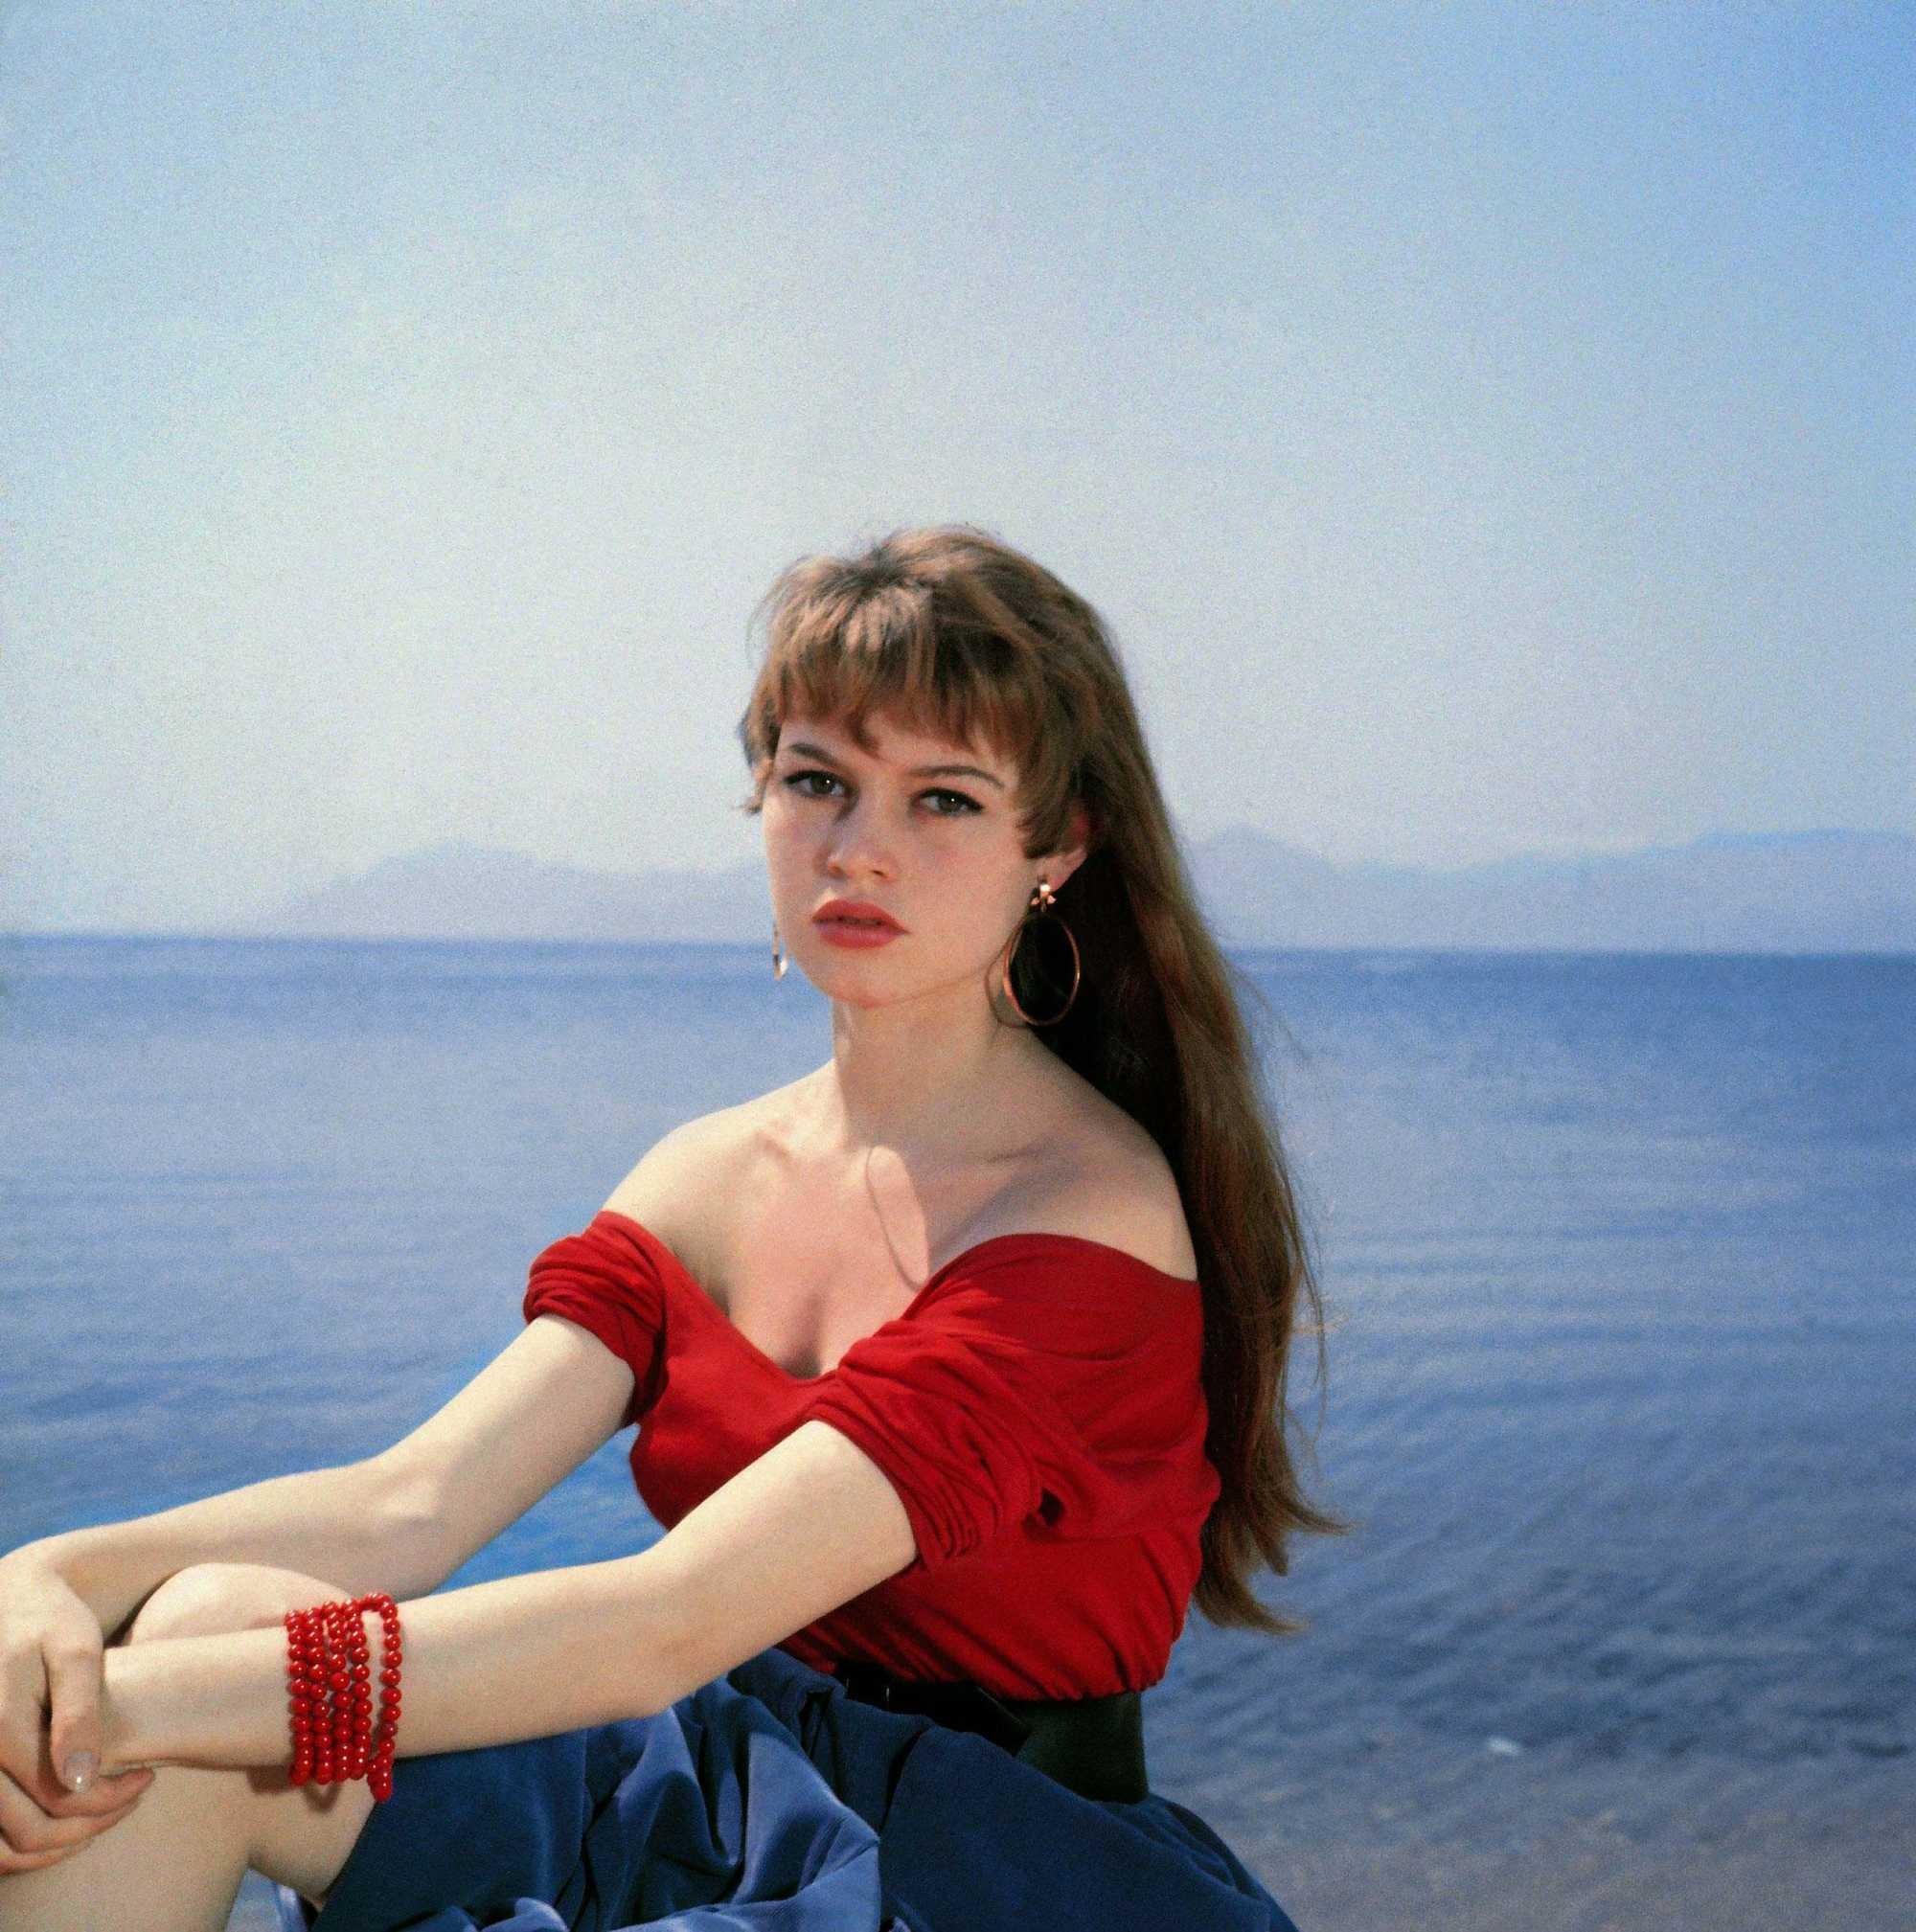 jeune actrice française brigitte bardot aux longs cheveux bruns avec une frange